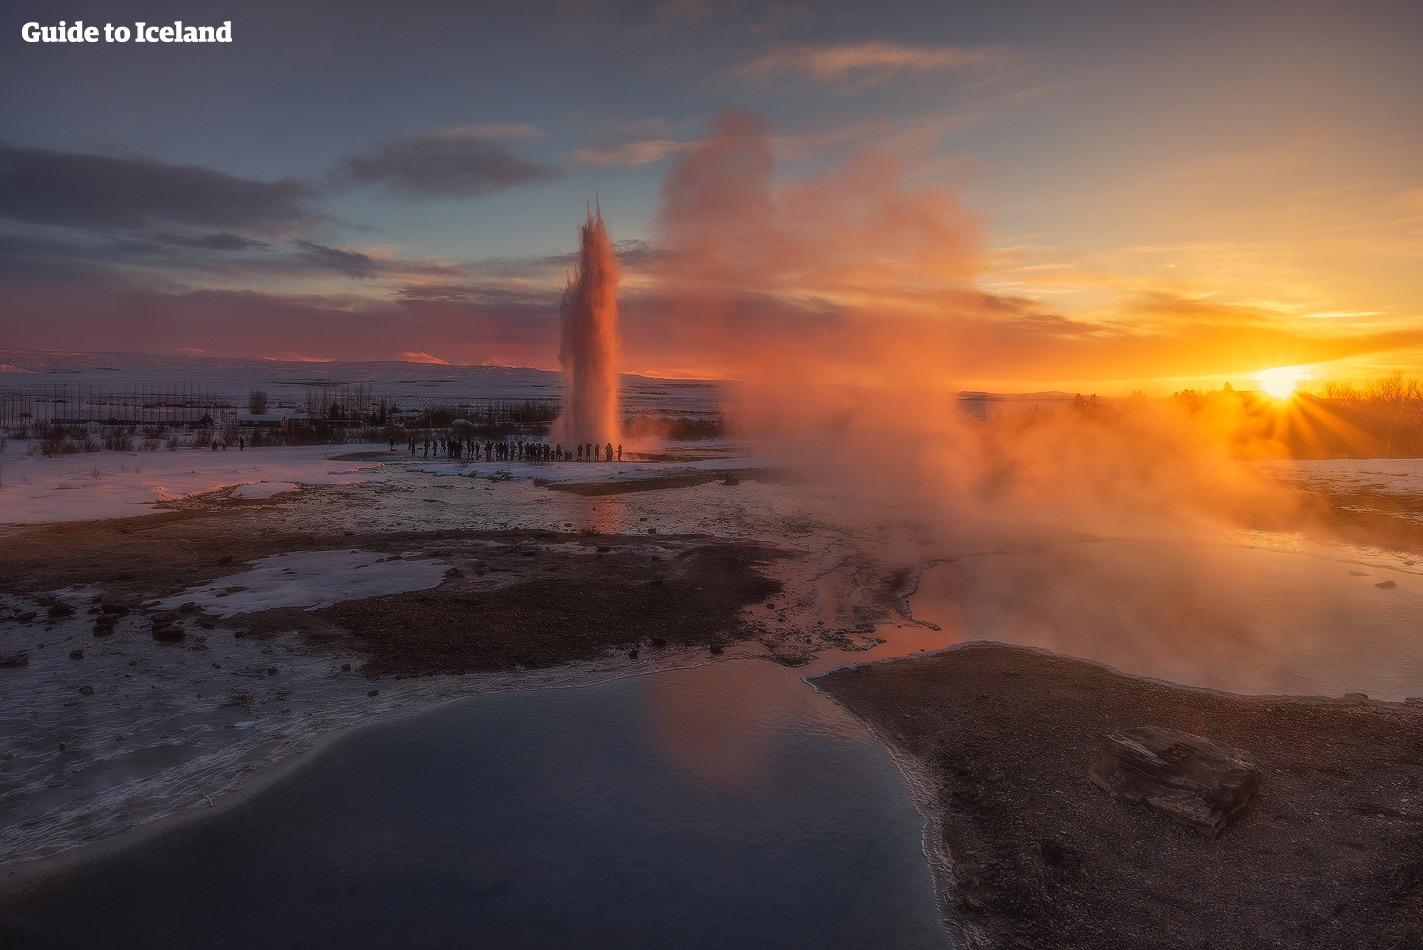 แสงทไวไลต์ในช่วงไม่กี่ชั่วโมงที่พระอาทิตย์ส่องแสงในหน้าหนาว สถานที่ที่เหมาะแก่การถ่ายภาพ ได้แก่ ทุ่งน้ำพุร้อนไกเซอร์ในทางใต้ของไอซ์แลนด์